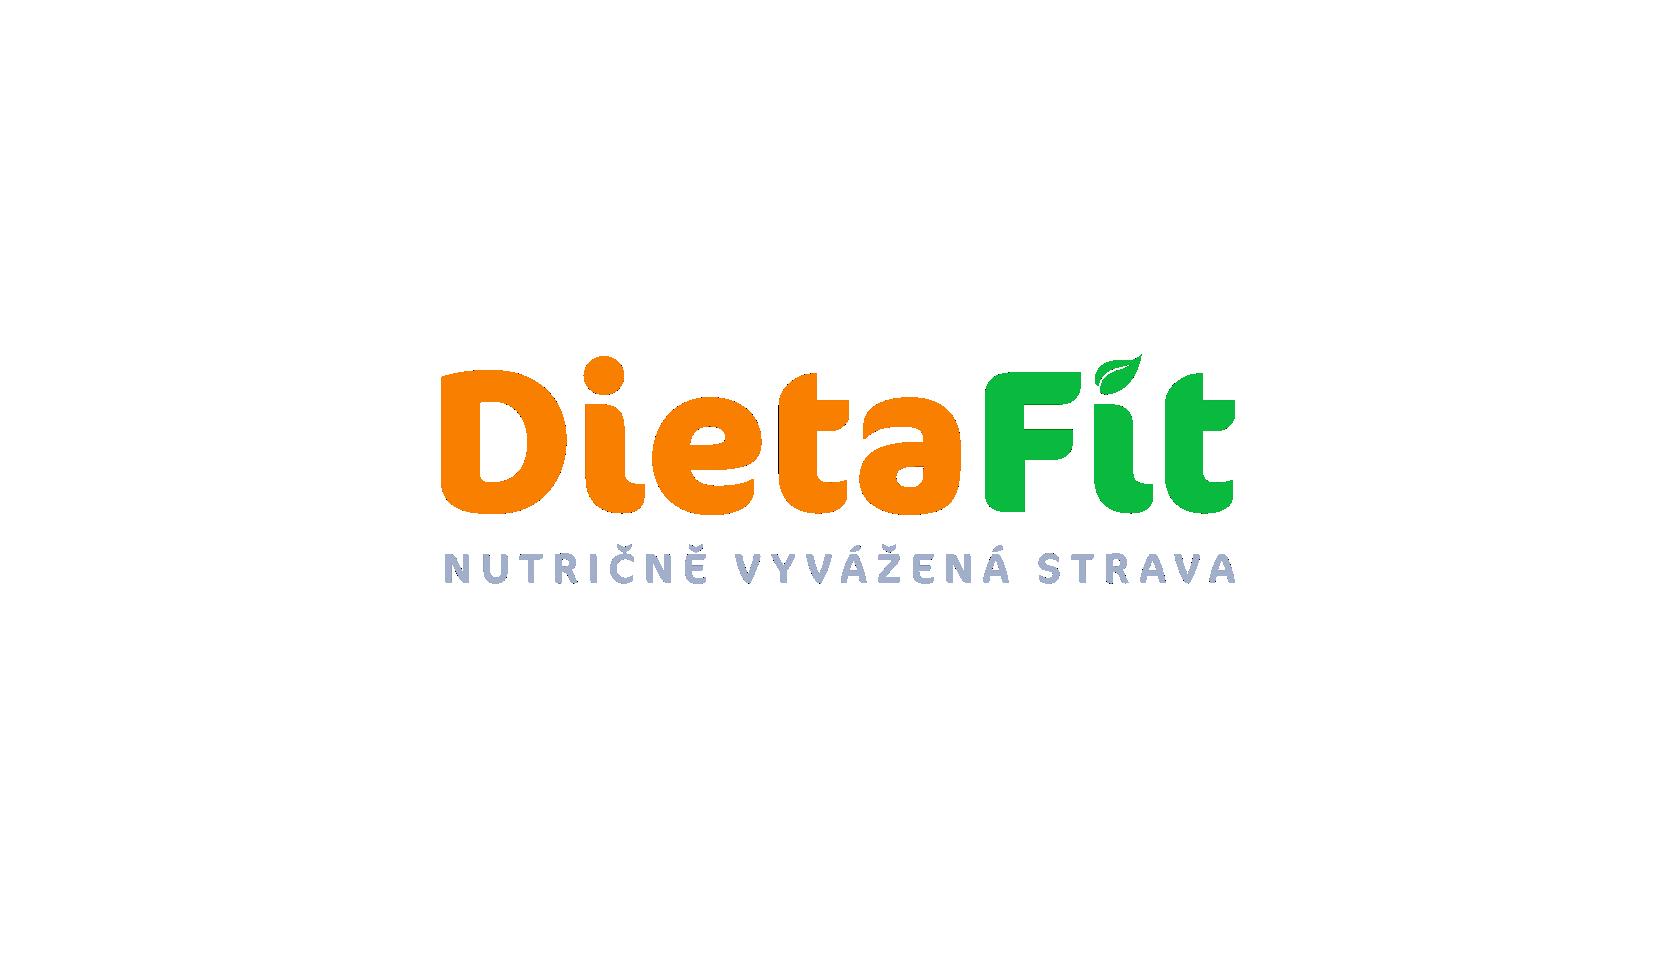 DietaFit - Krabičková dieta